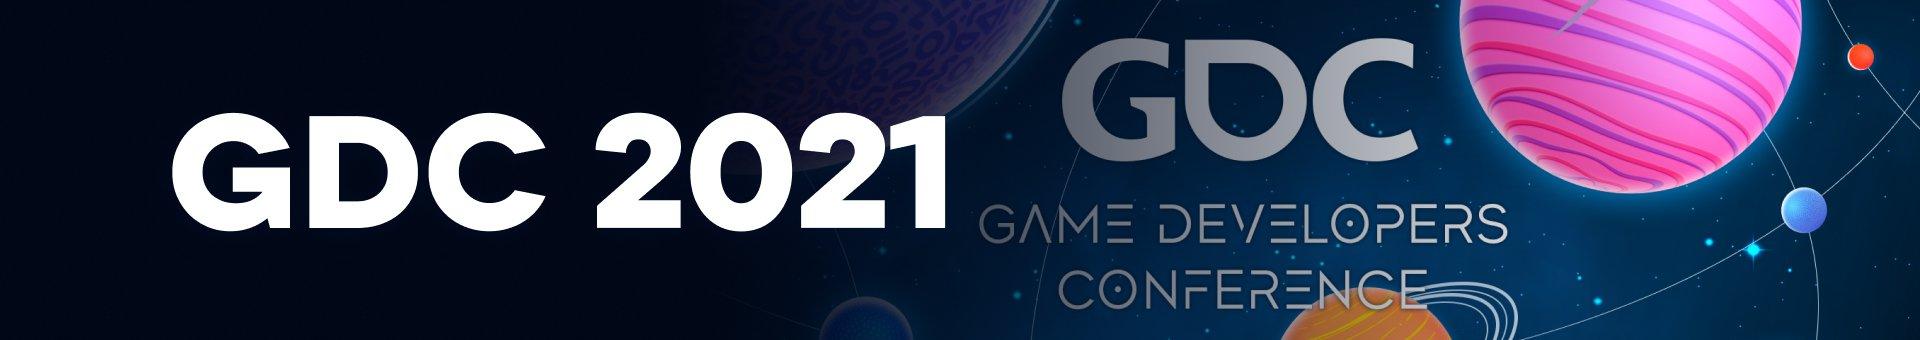 GDC2021